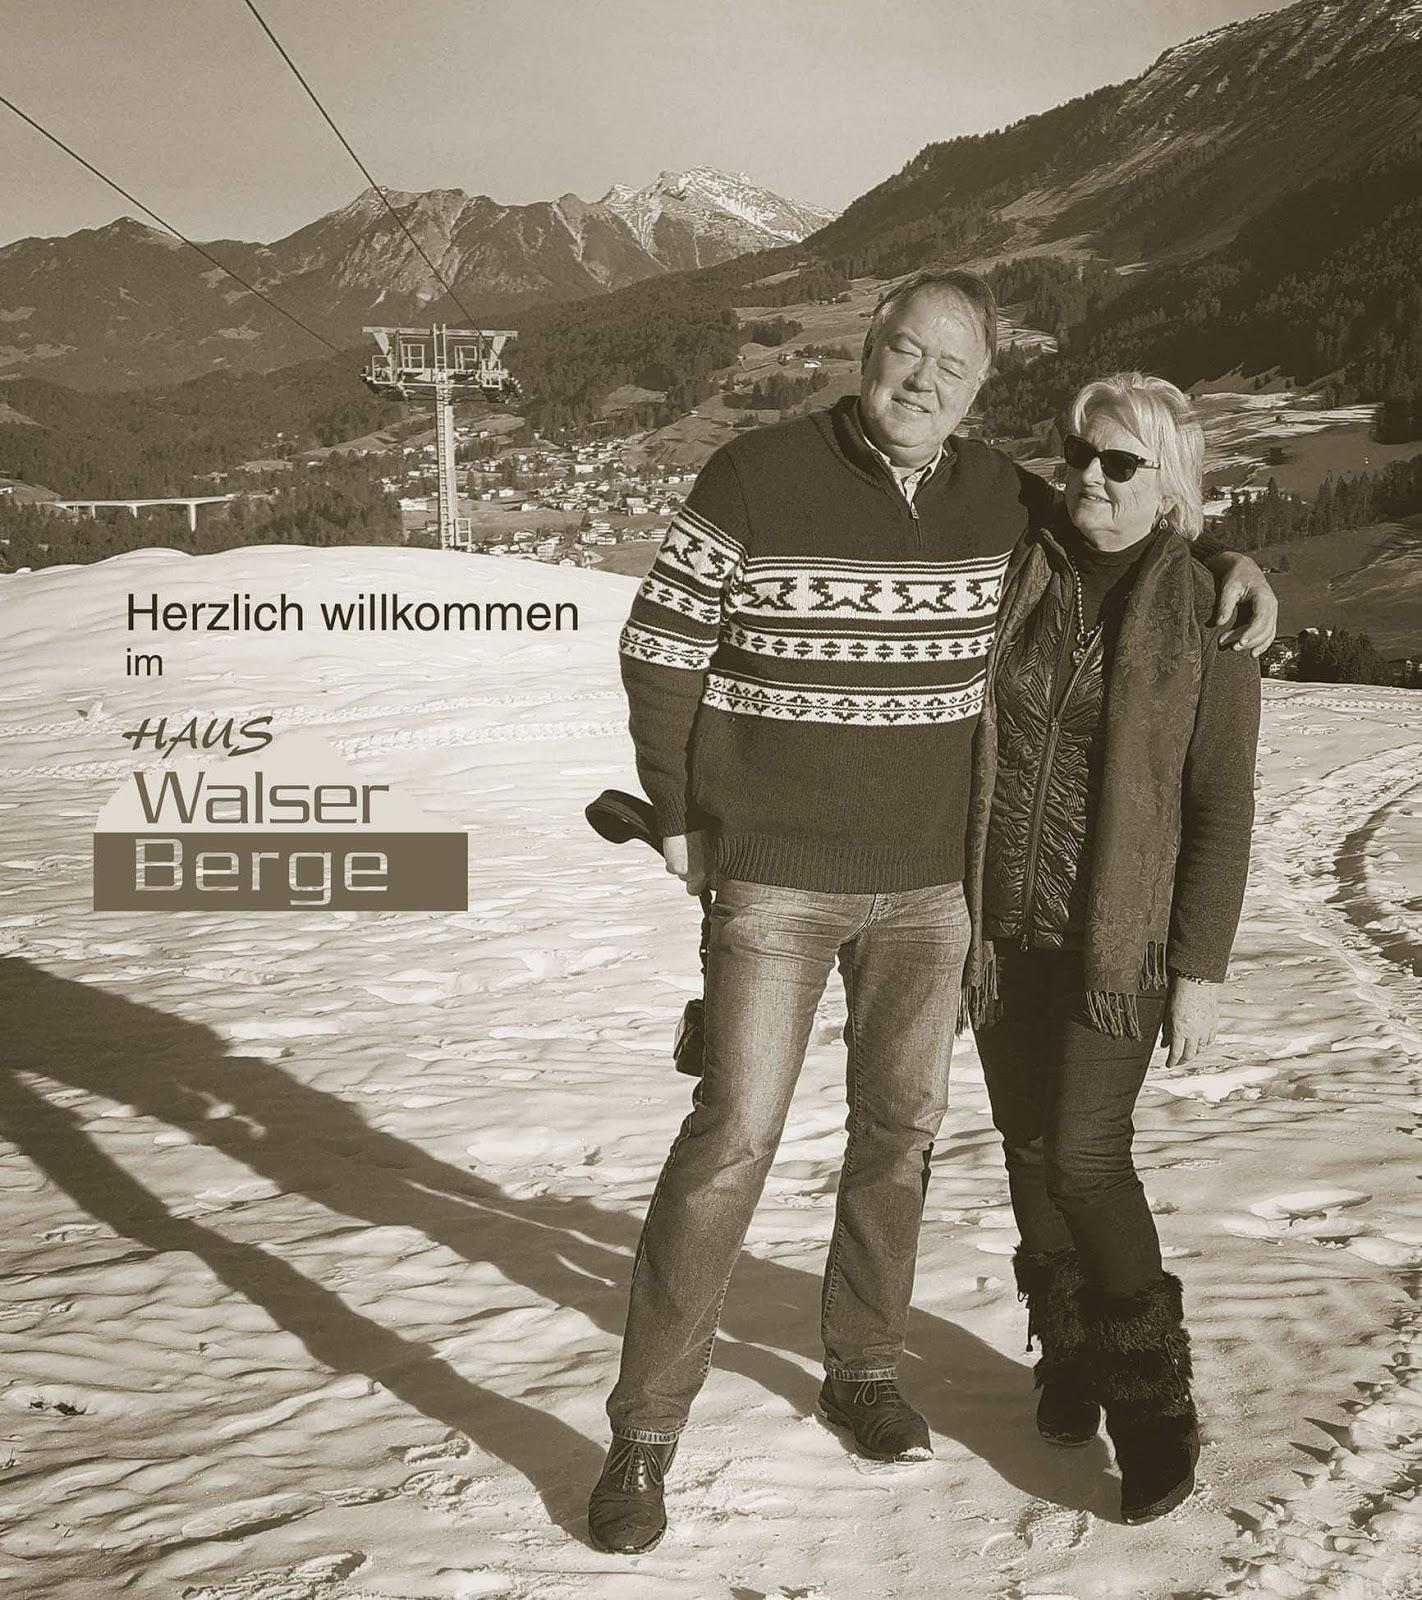 Haus Berge: Haus Walser Berge: Op Weg Naar 10 Jaar...droomhuis In De